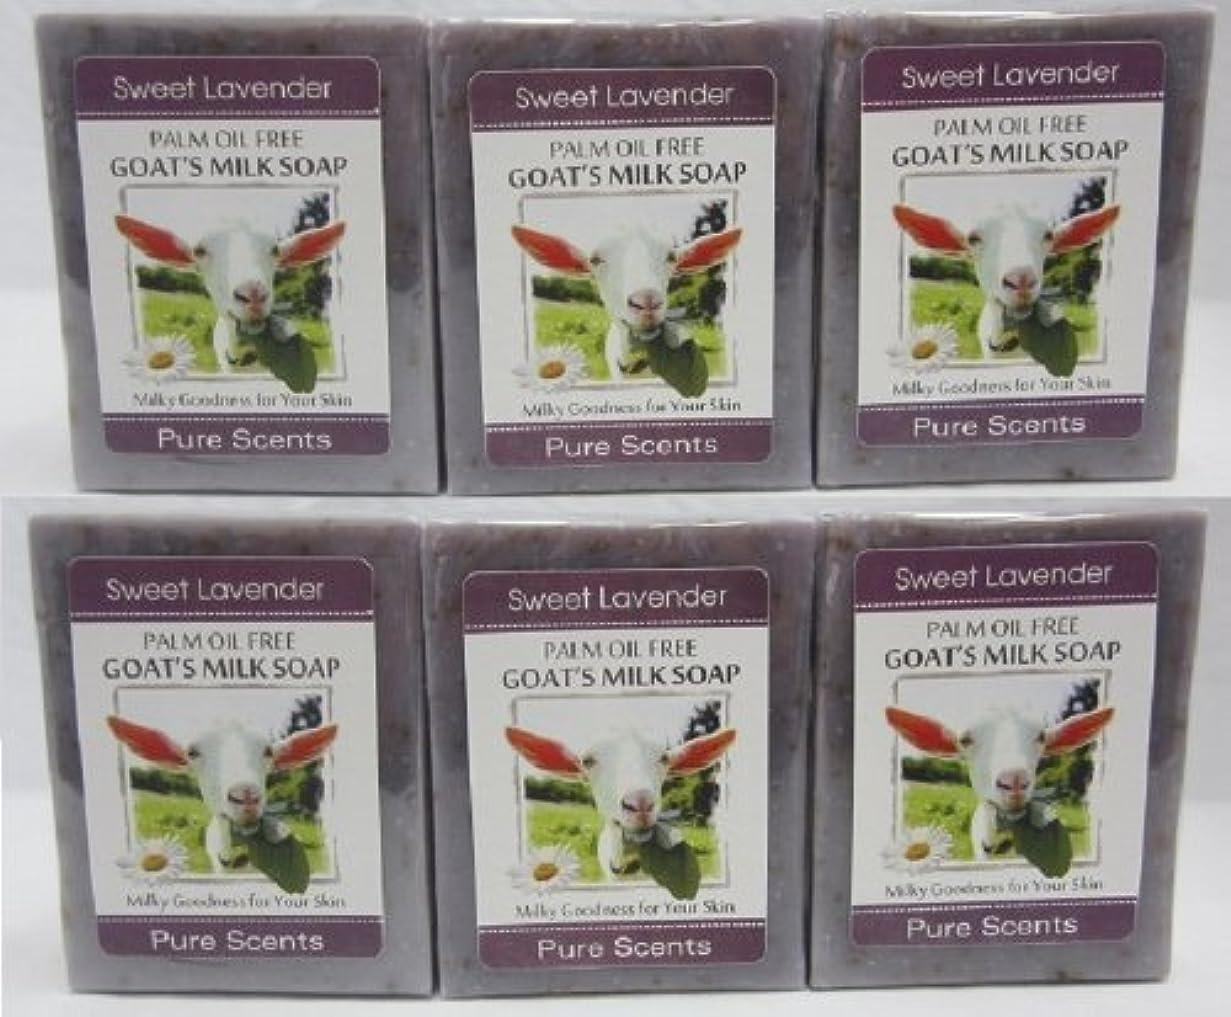 選択学士冗長【Pure Scents】Goat's Milk Soap ヤギのミルクせっけん 6個セット Sweet Lavender スイートラベンダー